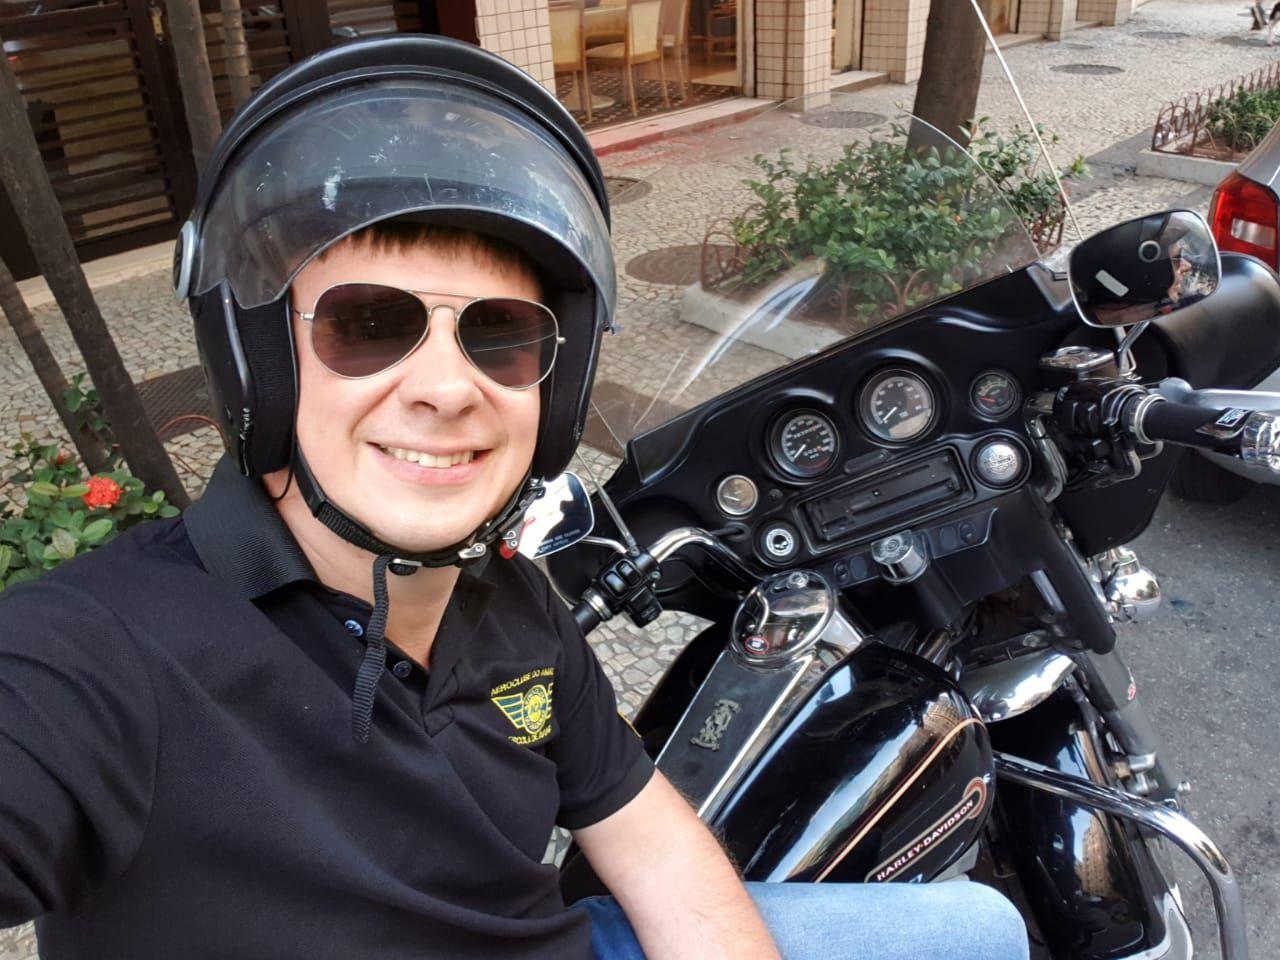 Они направили взведенное оружие к виску: Дмитрий Комаров попал в логово бразильской мафии новые фото